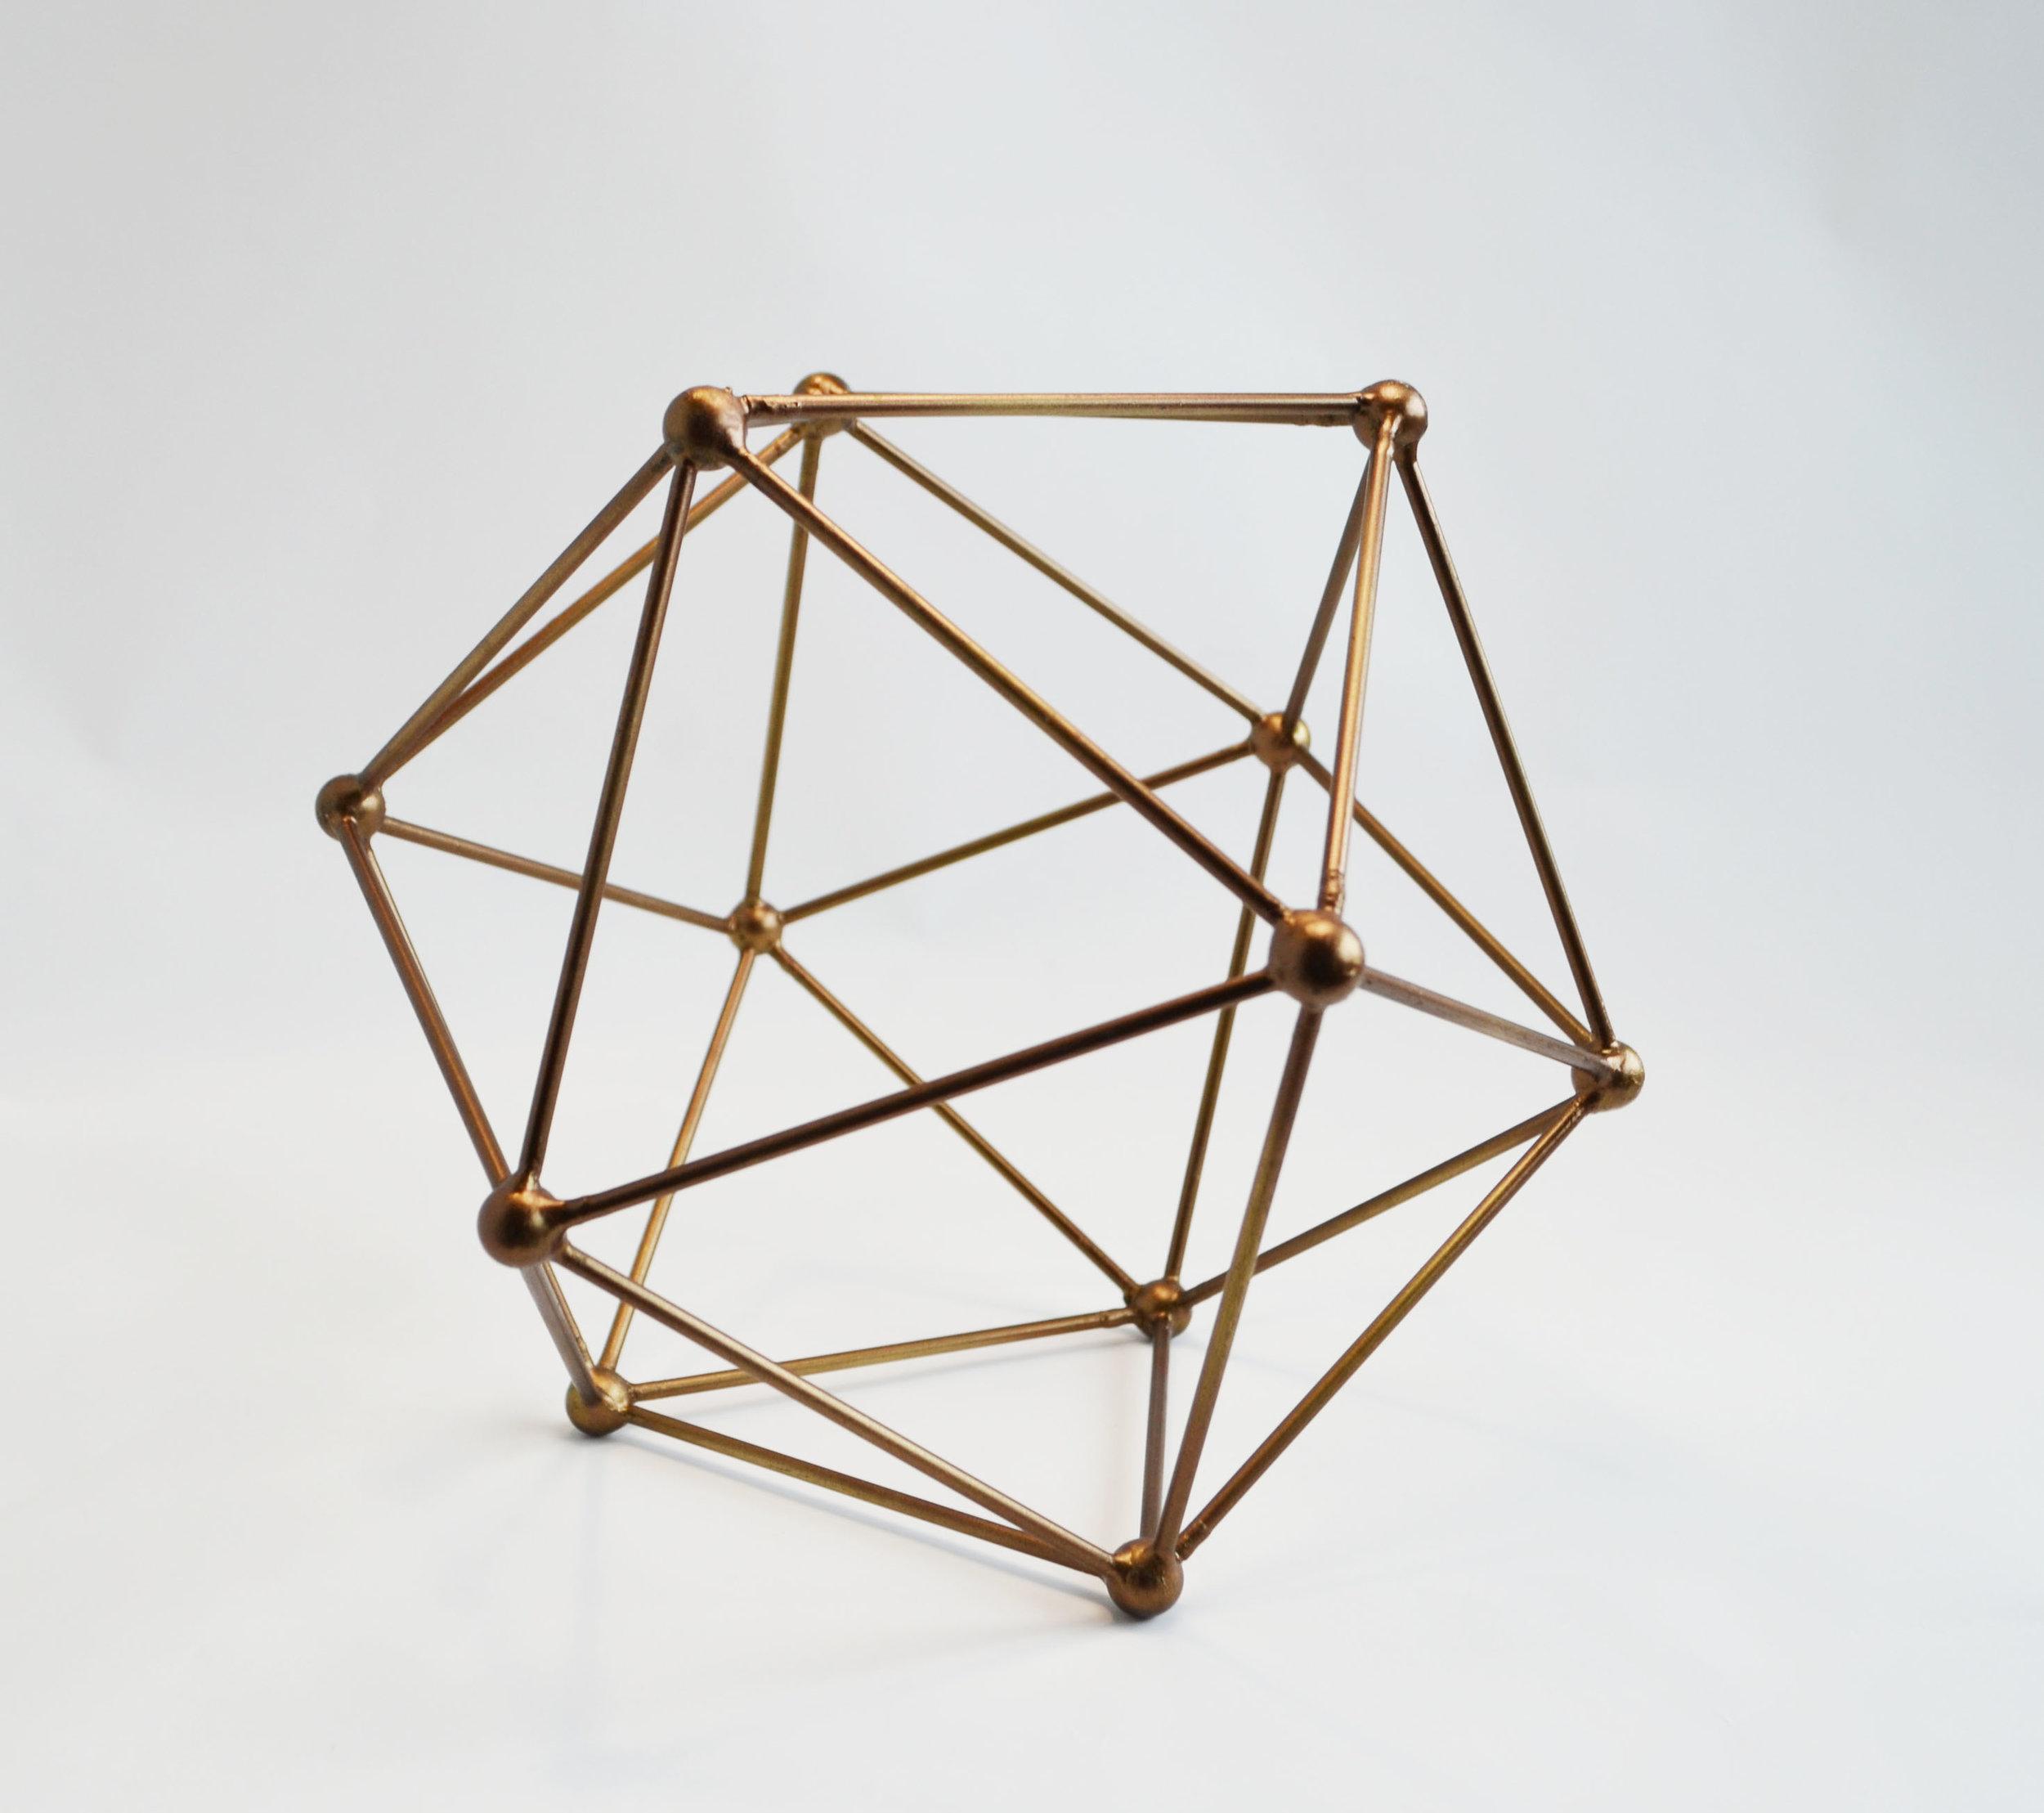 bronze polygon   Quantity: (s) 5 - (L) 8  Price: (s) $10.00 - (L) $12.00